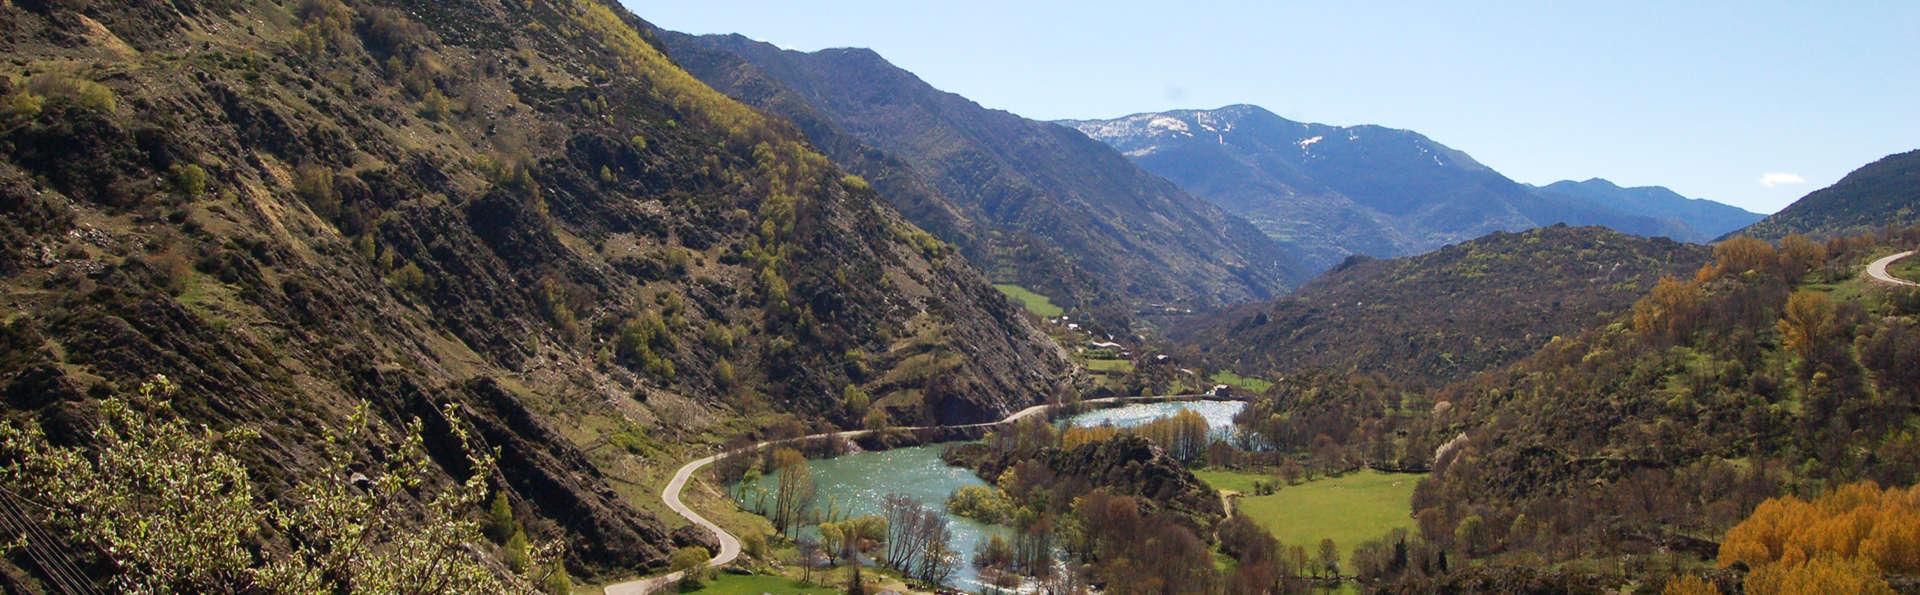 Week-end romantique dans un appartement de luxe au coeur des Pyrénées catalanes